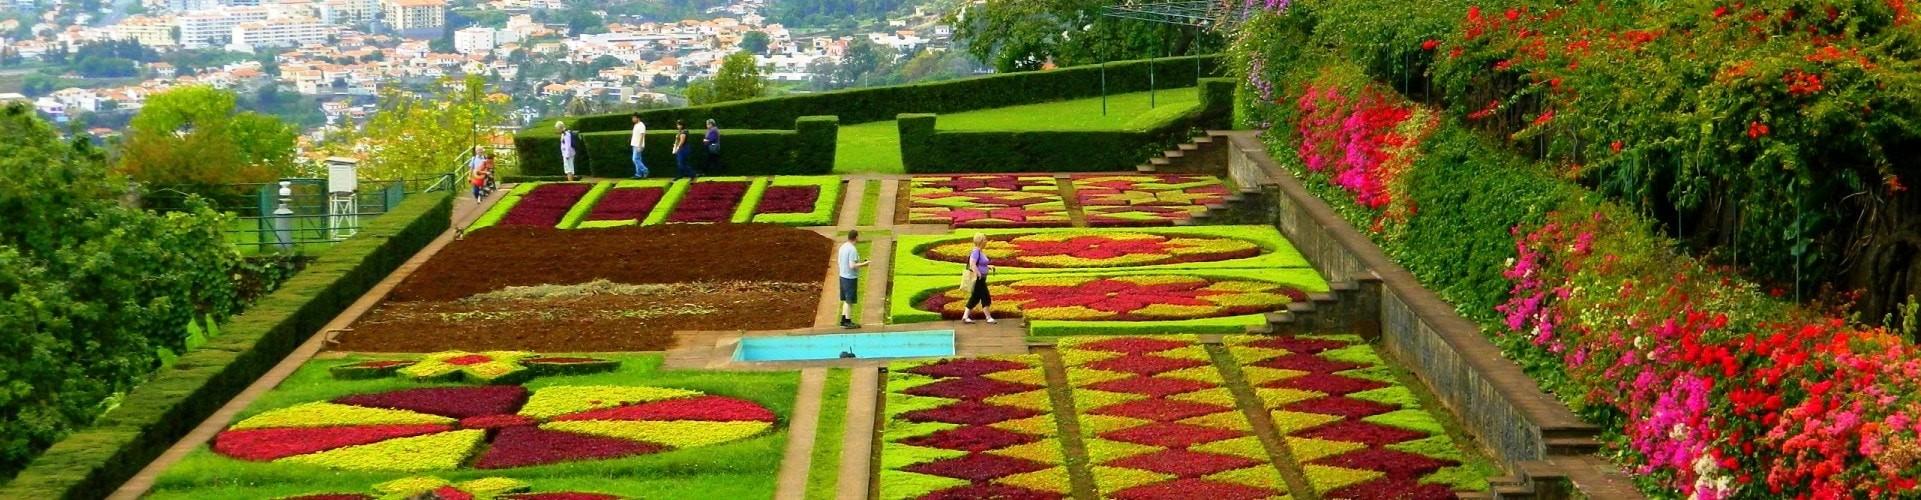 Madeira Island Gardens